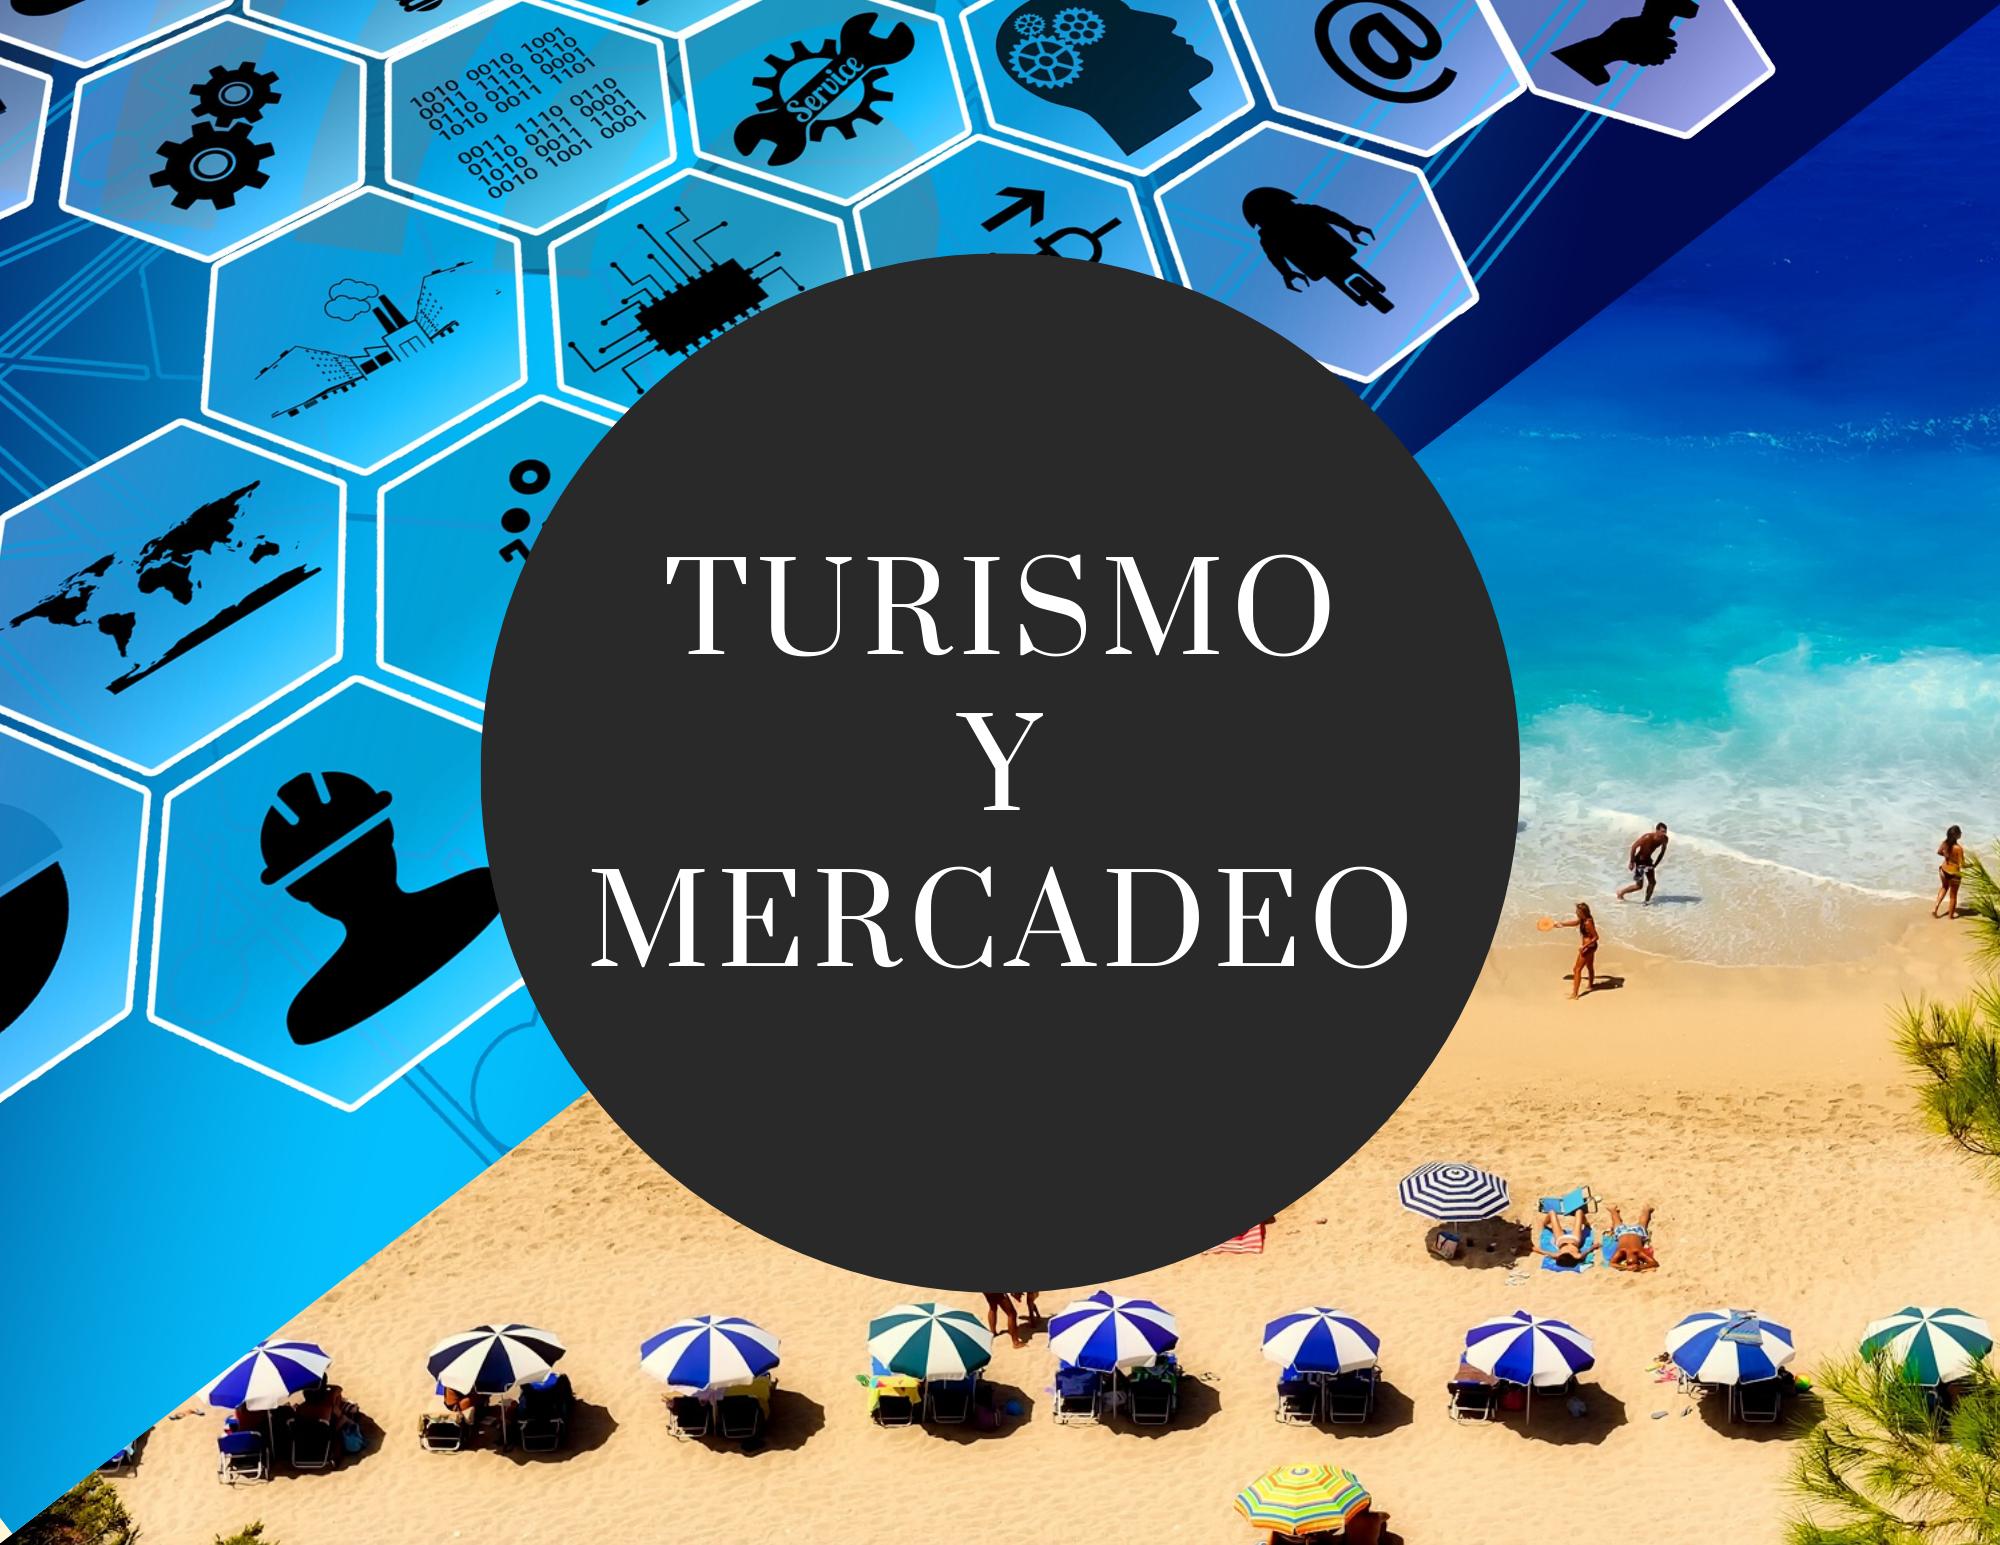 turismo y mercadeo